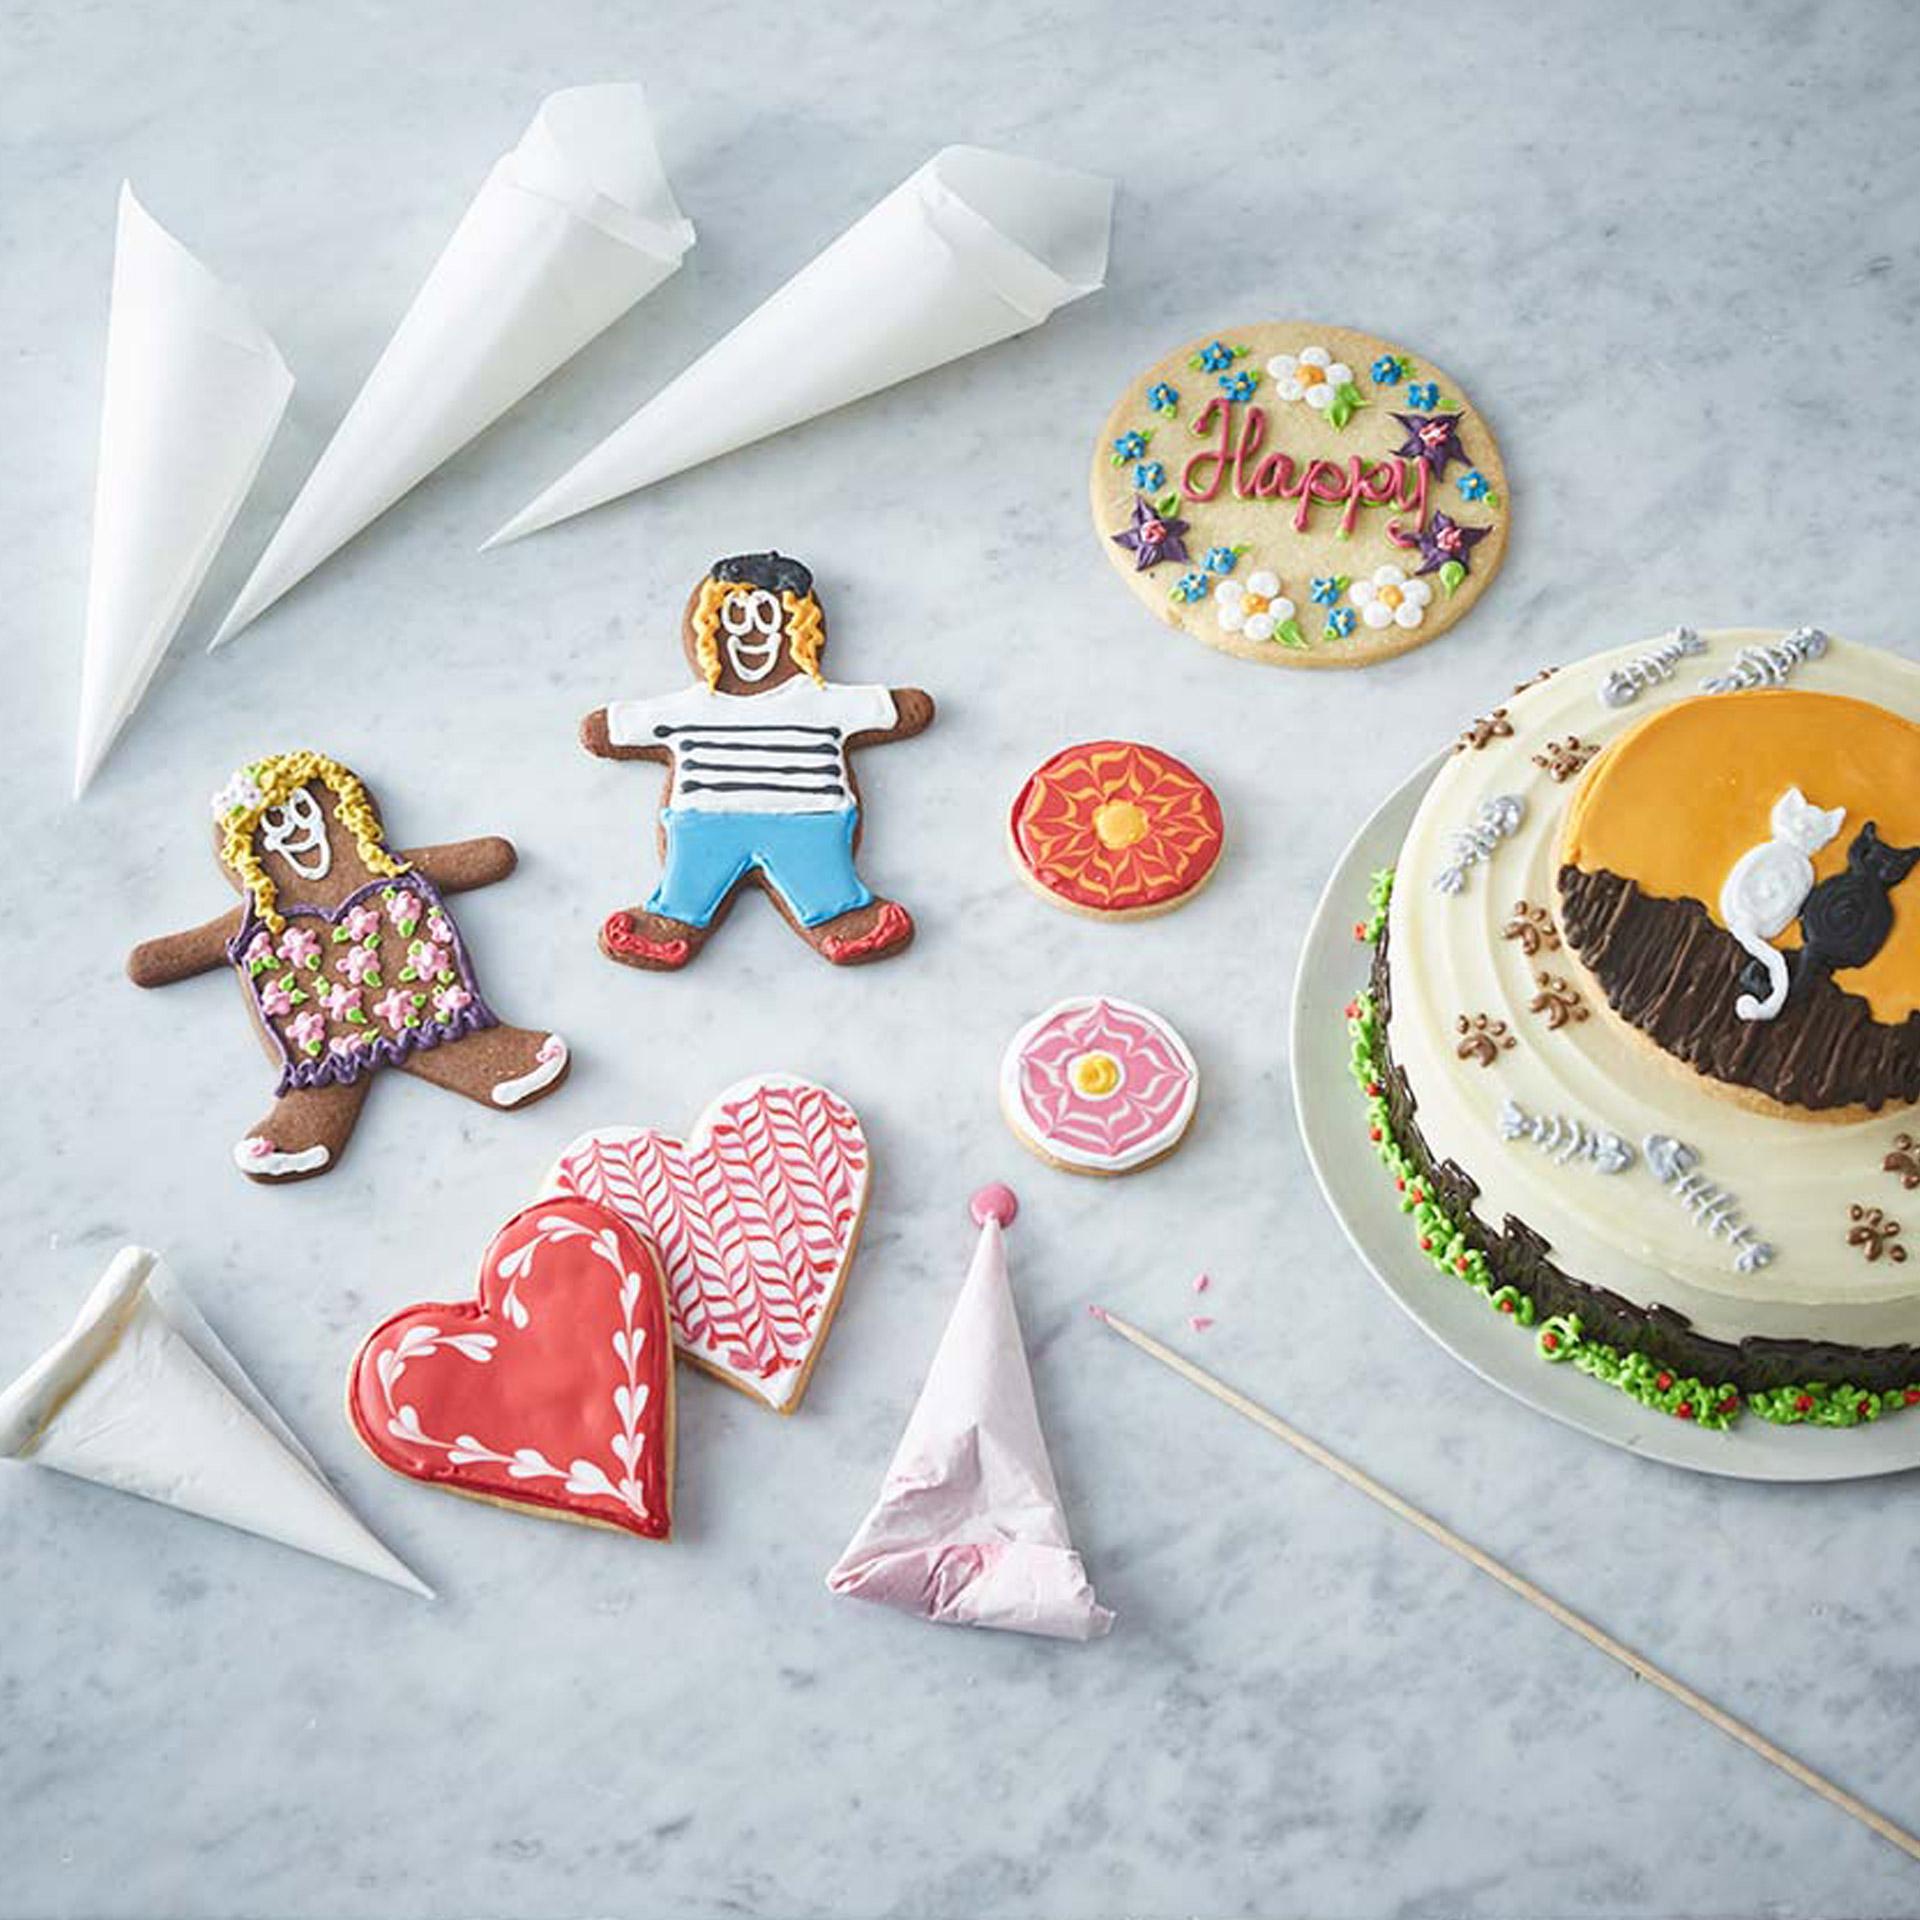 Celebration Cake Decorating